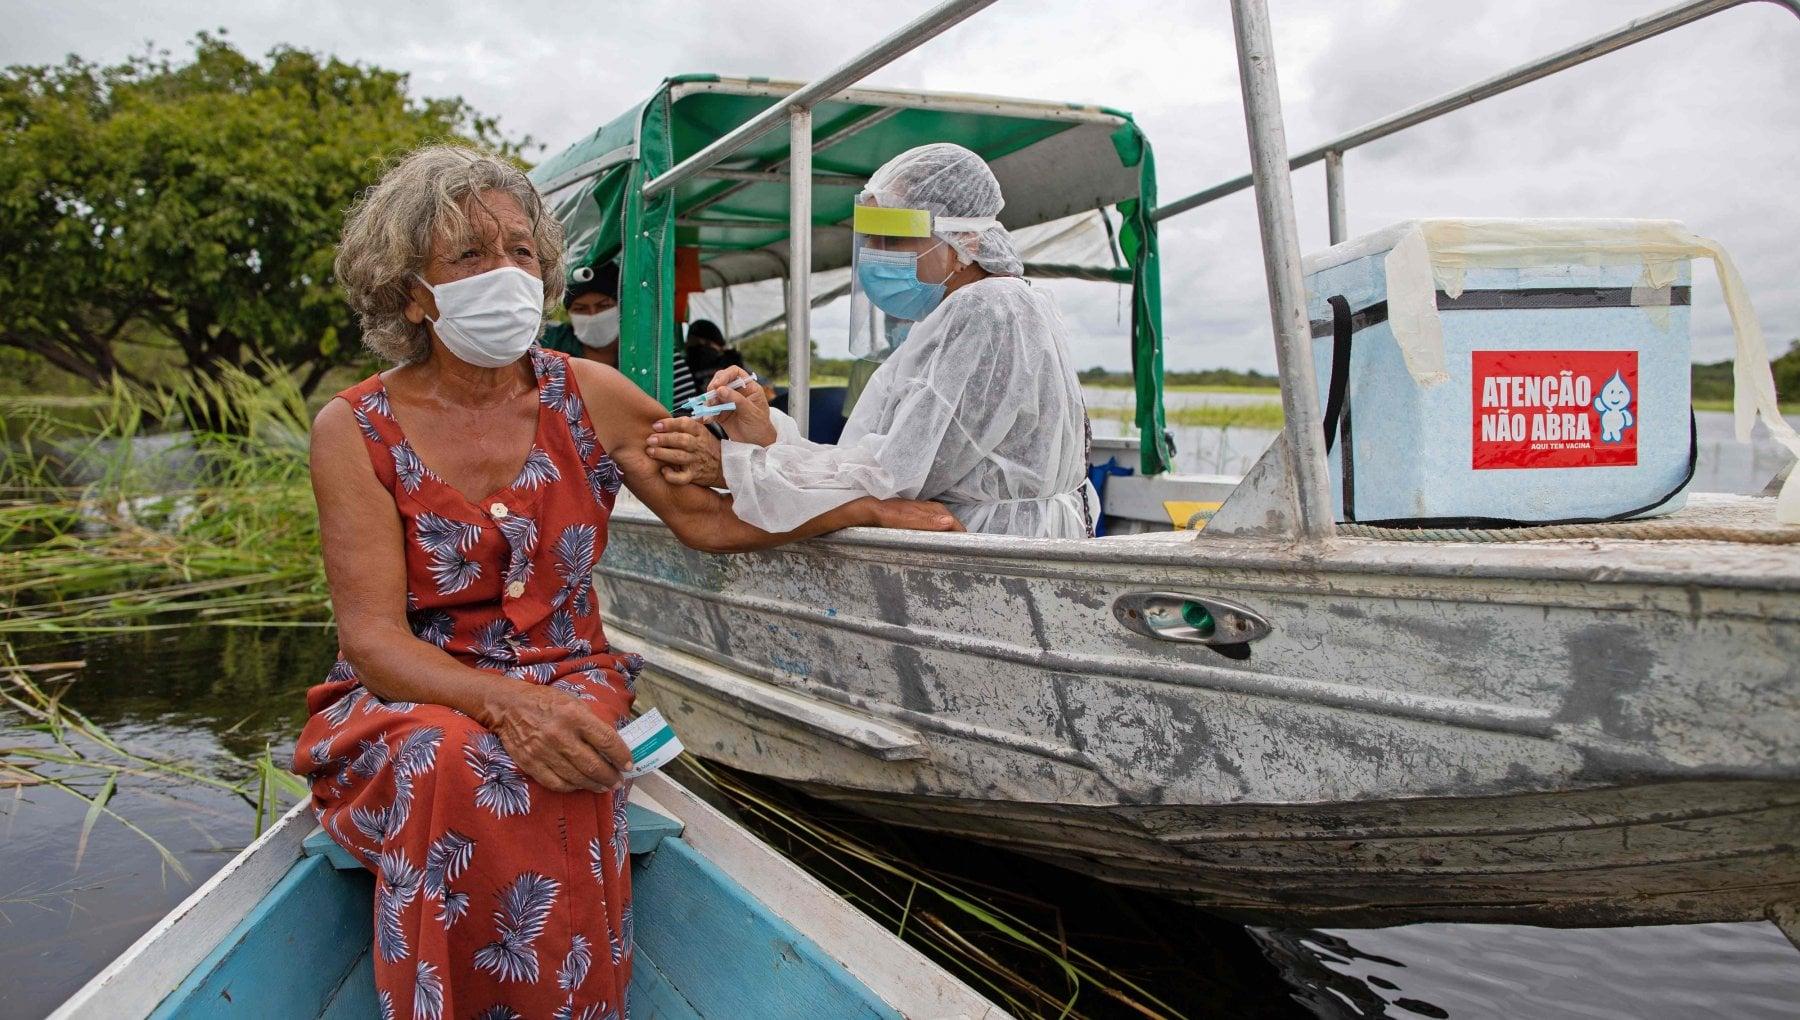 140639577 8faeb8dd 66d7 4375 80c4 04ce5e6e73ea - Amazzonia, i pastori evangelici dicono bugie sui vaccini. Le tribù con archi e frecce contro i medici